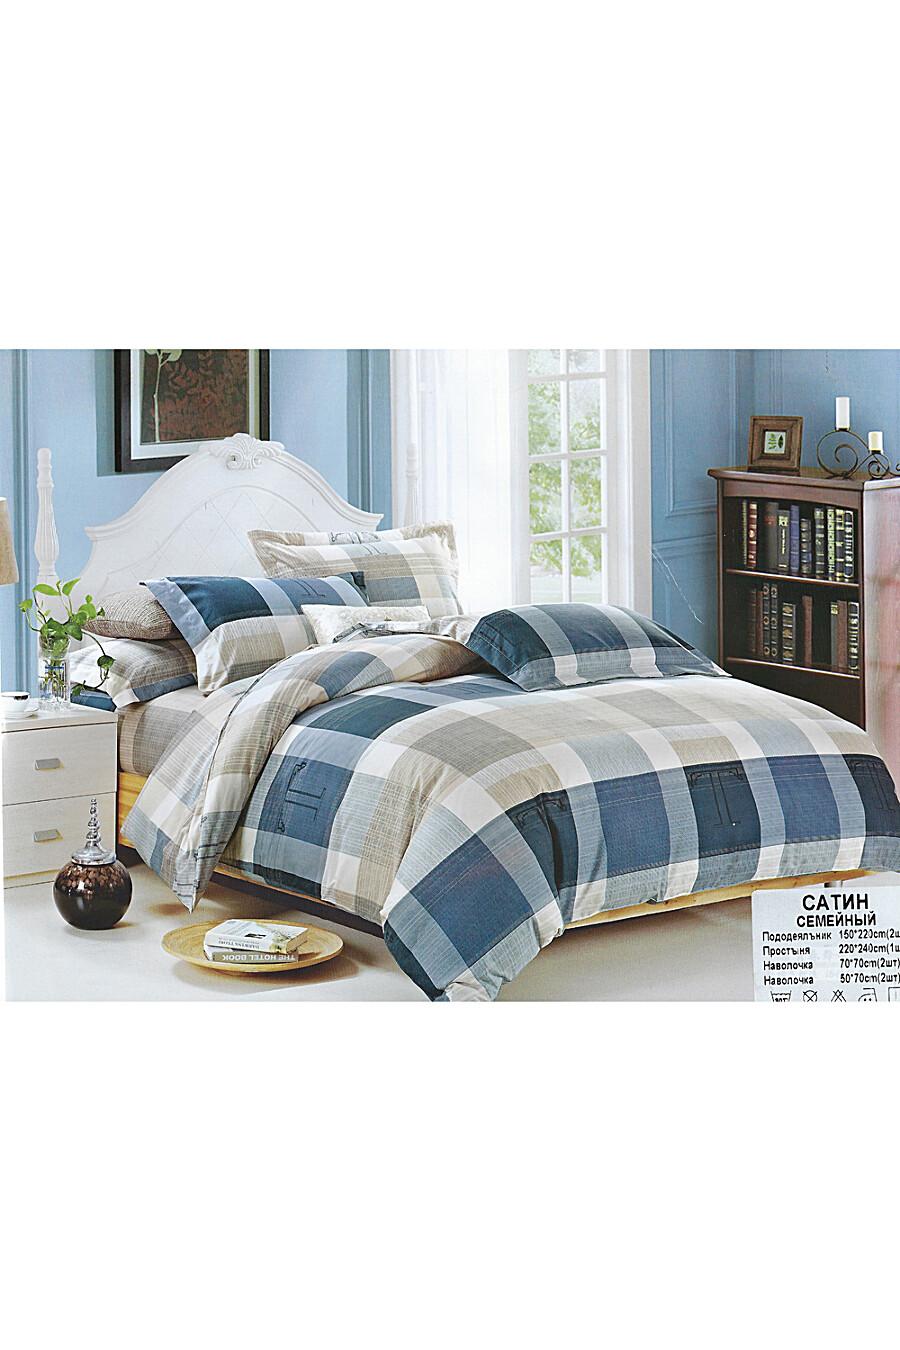 Комплект постельного белья #72140